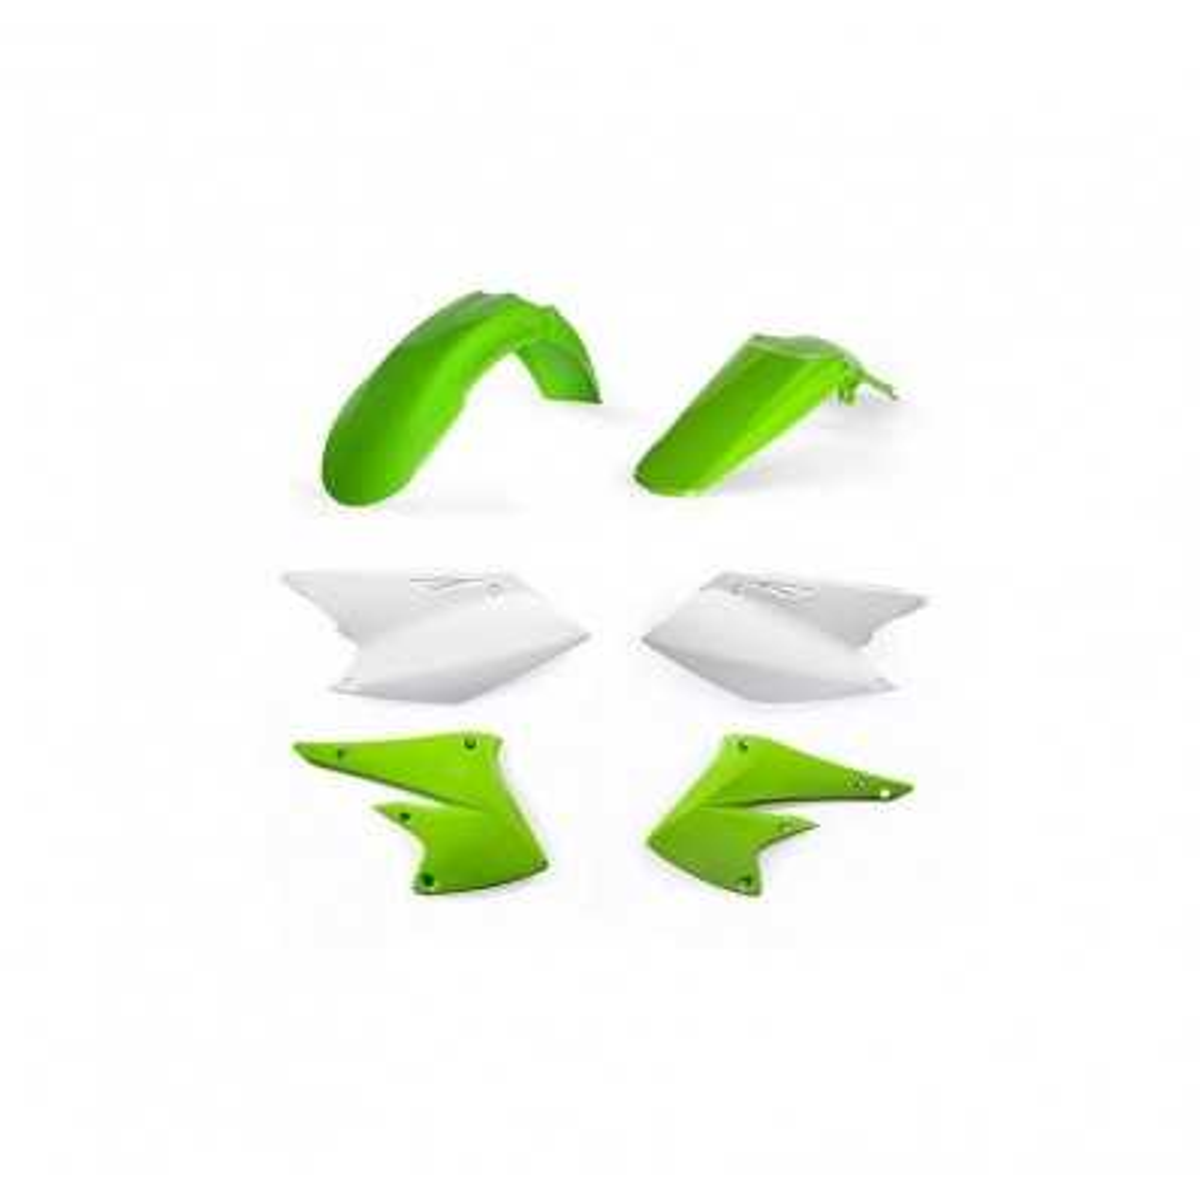 0016878-553 - Kit Plasticos Kxf 250 13 16 Origen